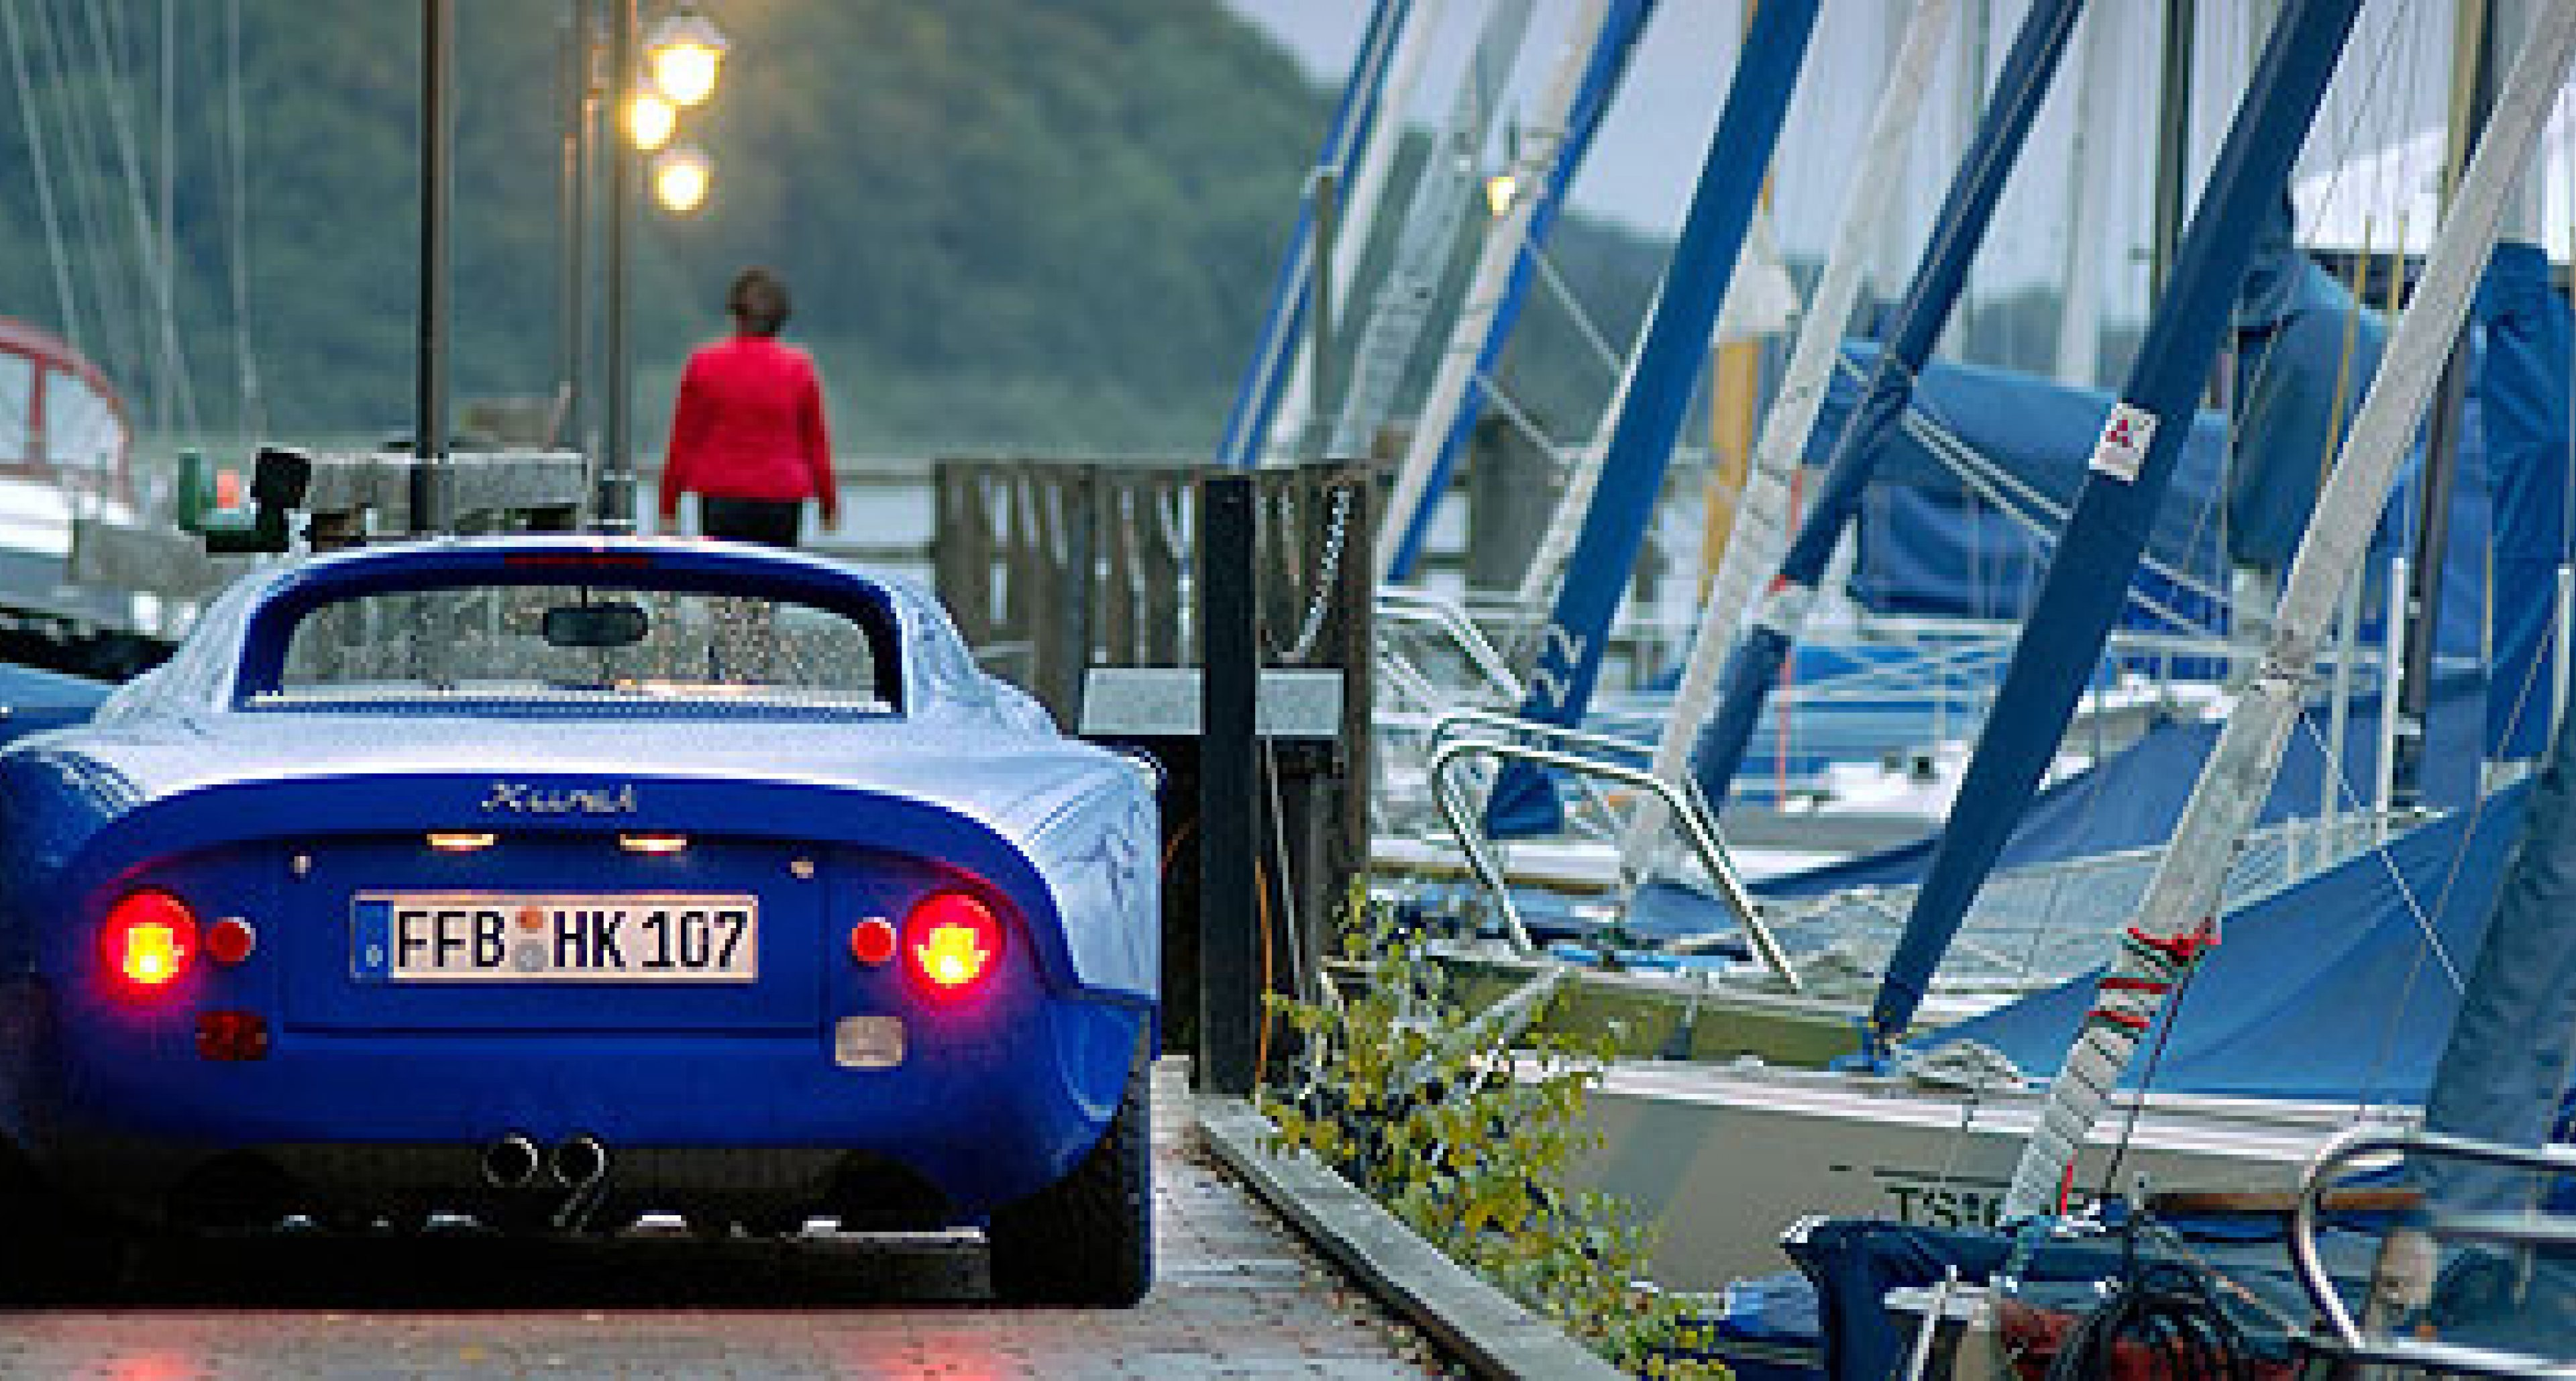 Kurek GT7: Leichtbaukonzept im Porsche Look